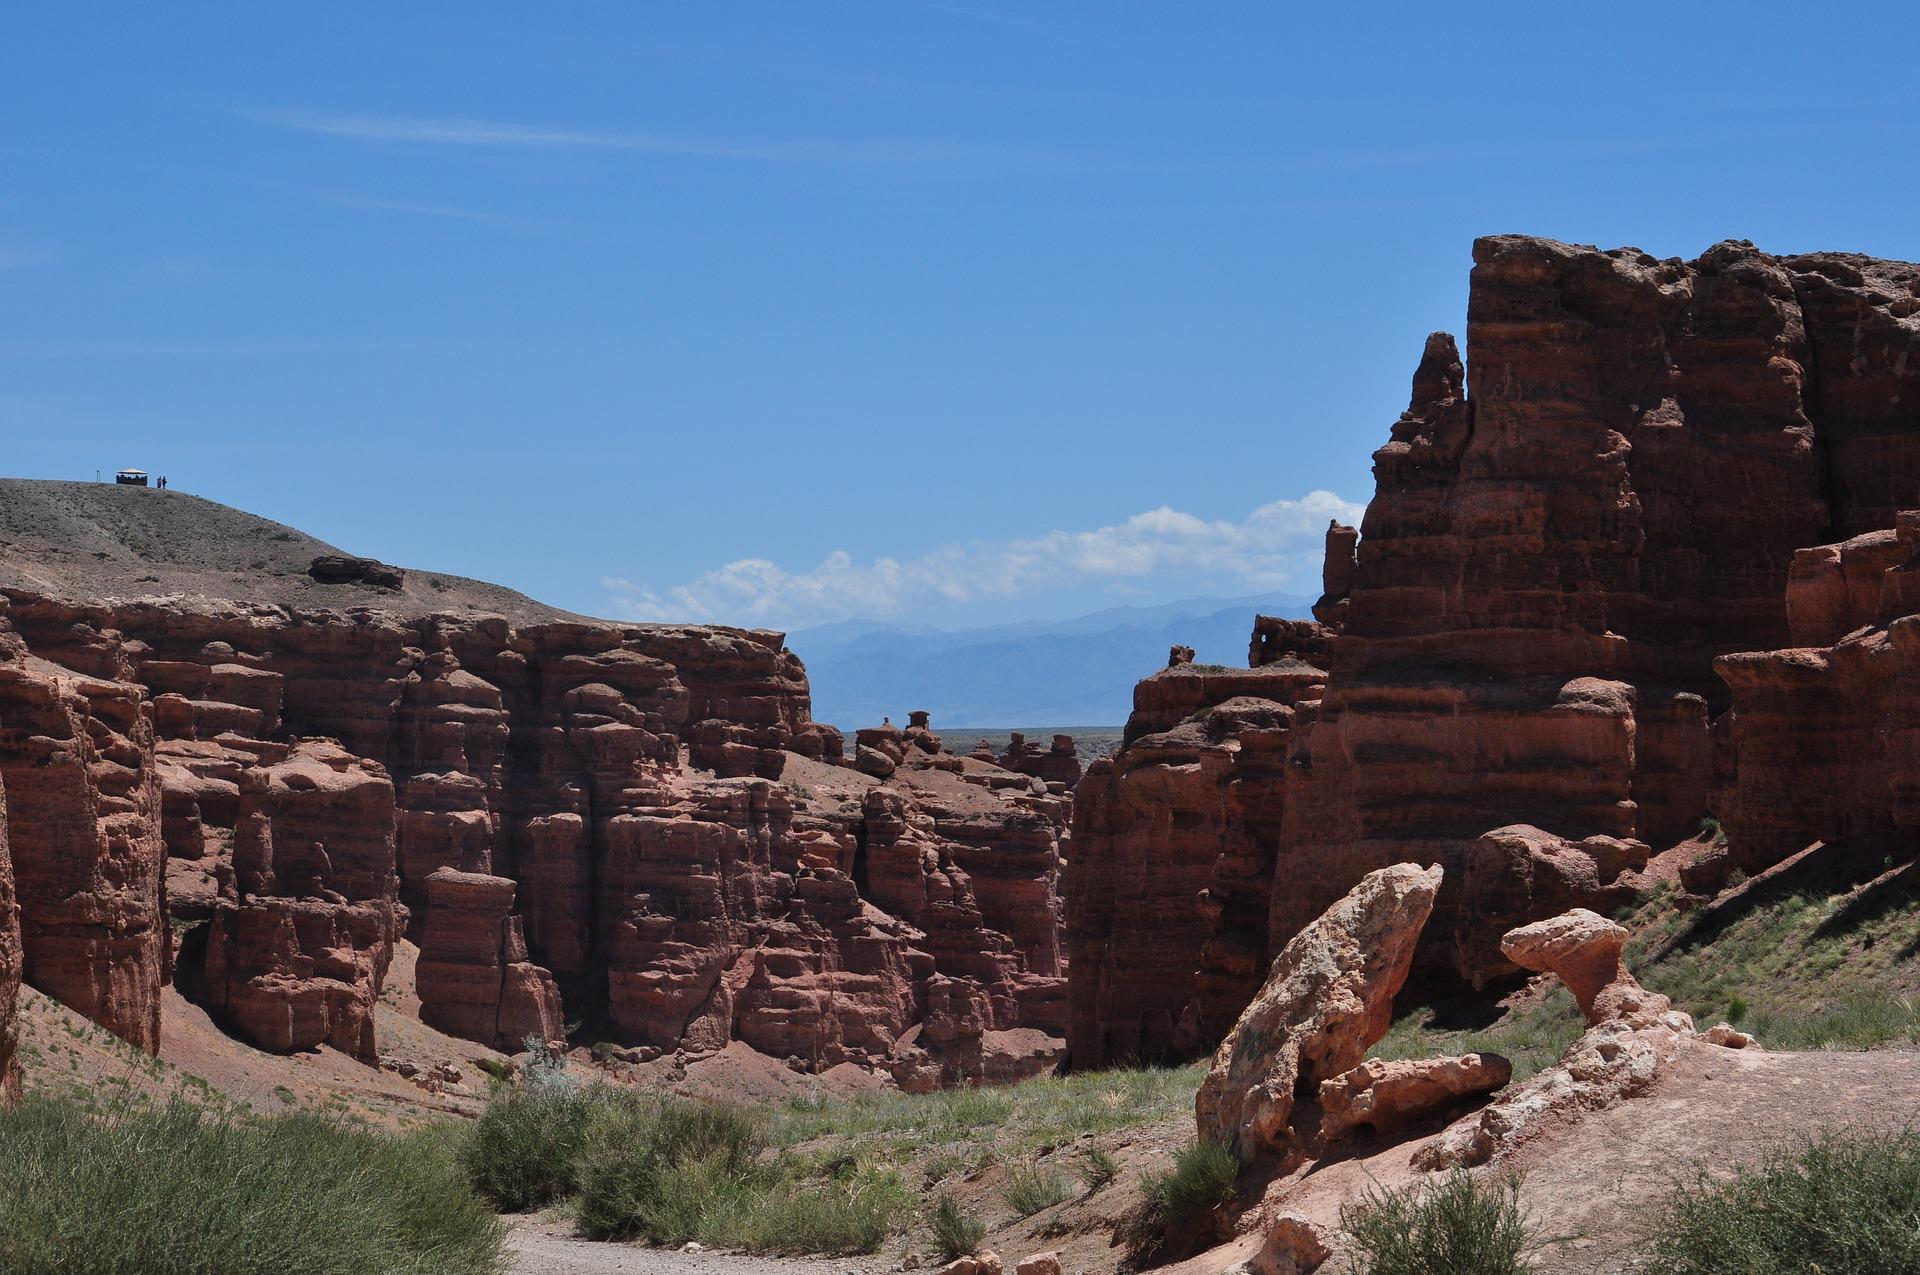 Flug Billig buchen nach Kasachstan und die Canyons in Asien entdecken